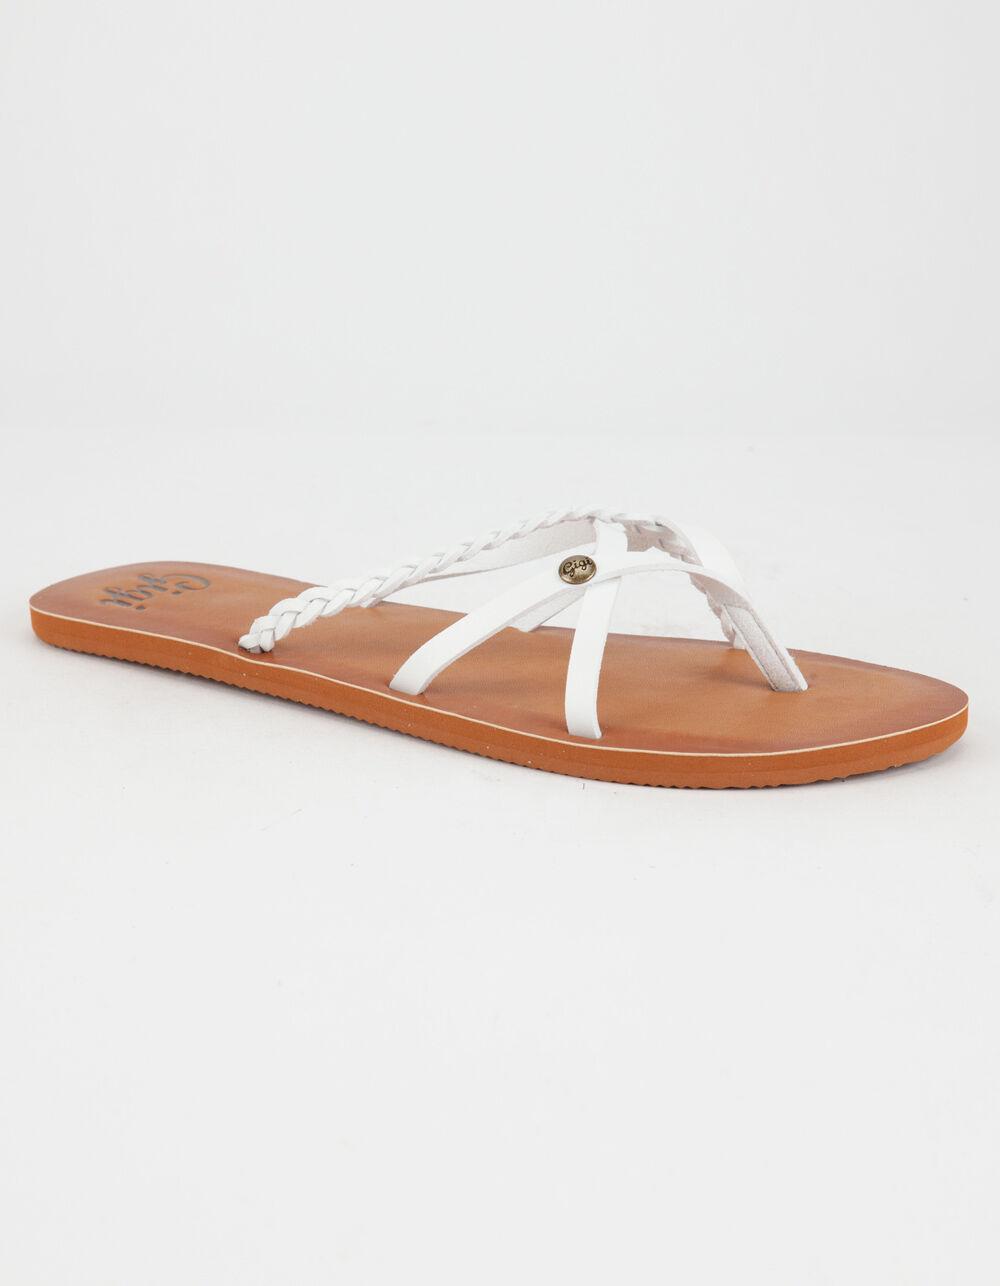 GIGI Criss Cross Sandals